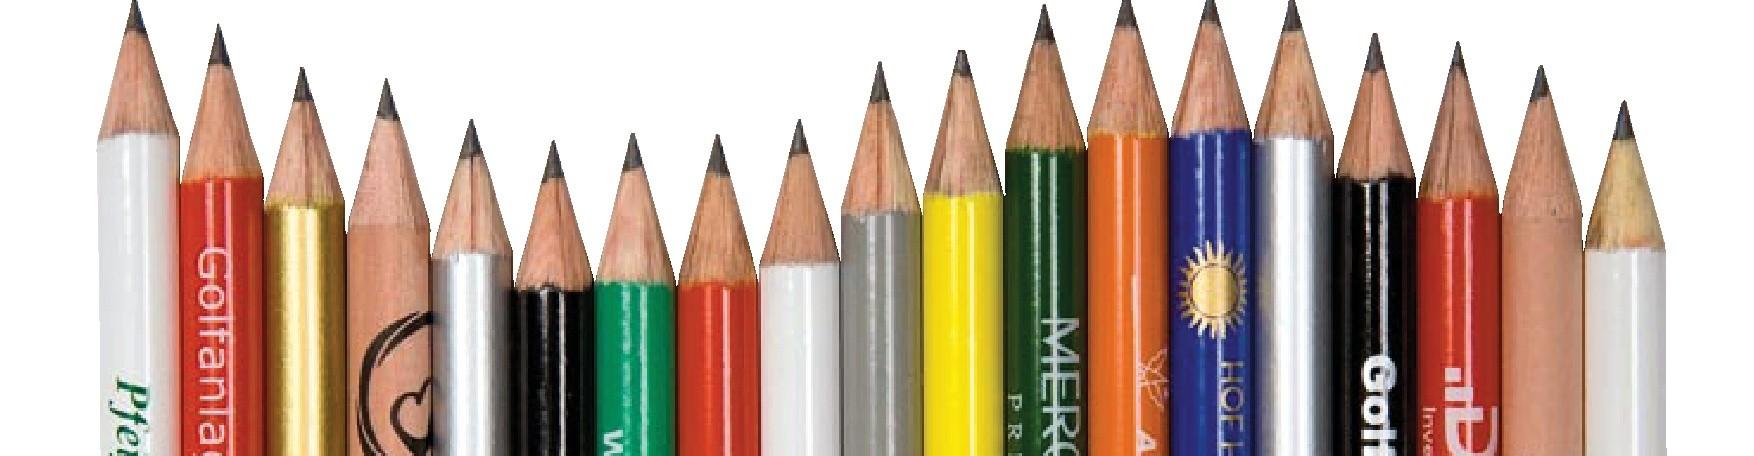 Bleistifte bedruckt – Werbeartikel